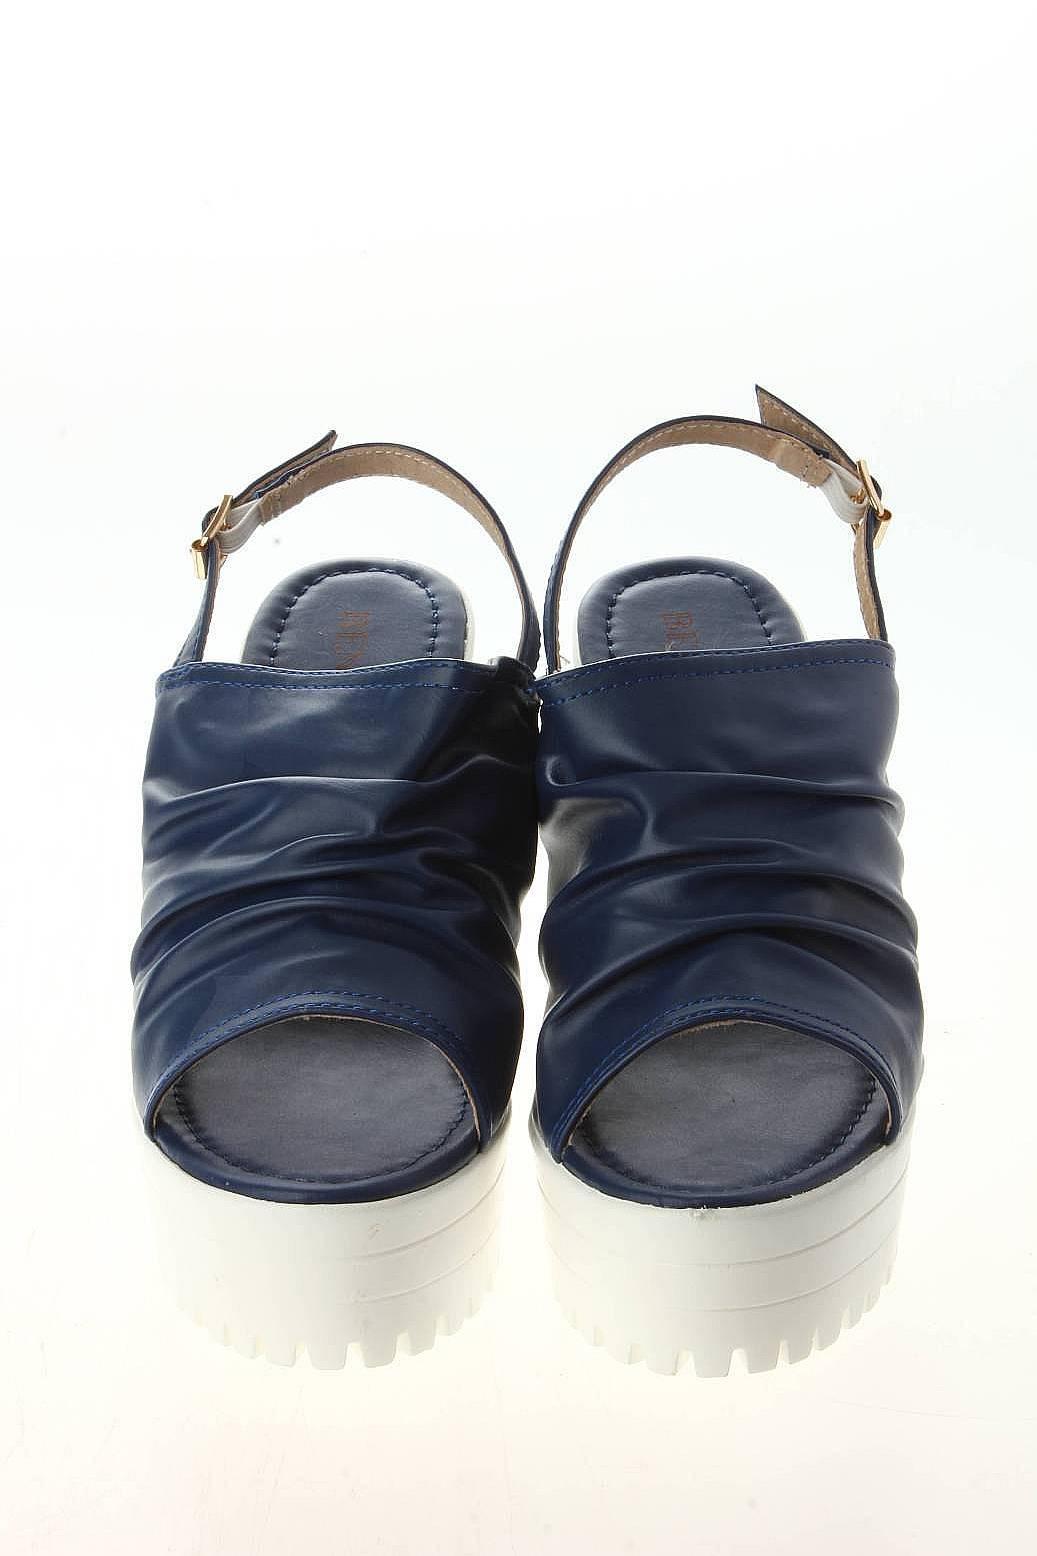 Мужская Обувь Детская Обувь Женская Обувь Туфли Открытые: Benetti Обувь